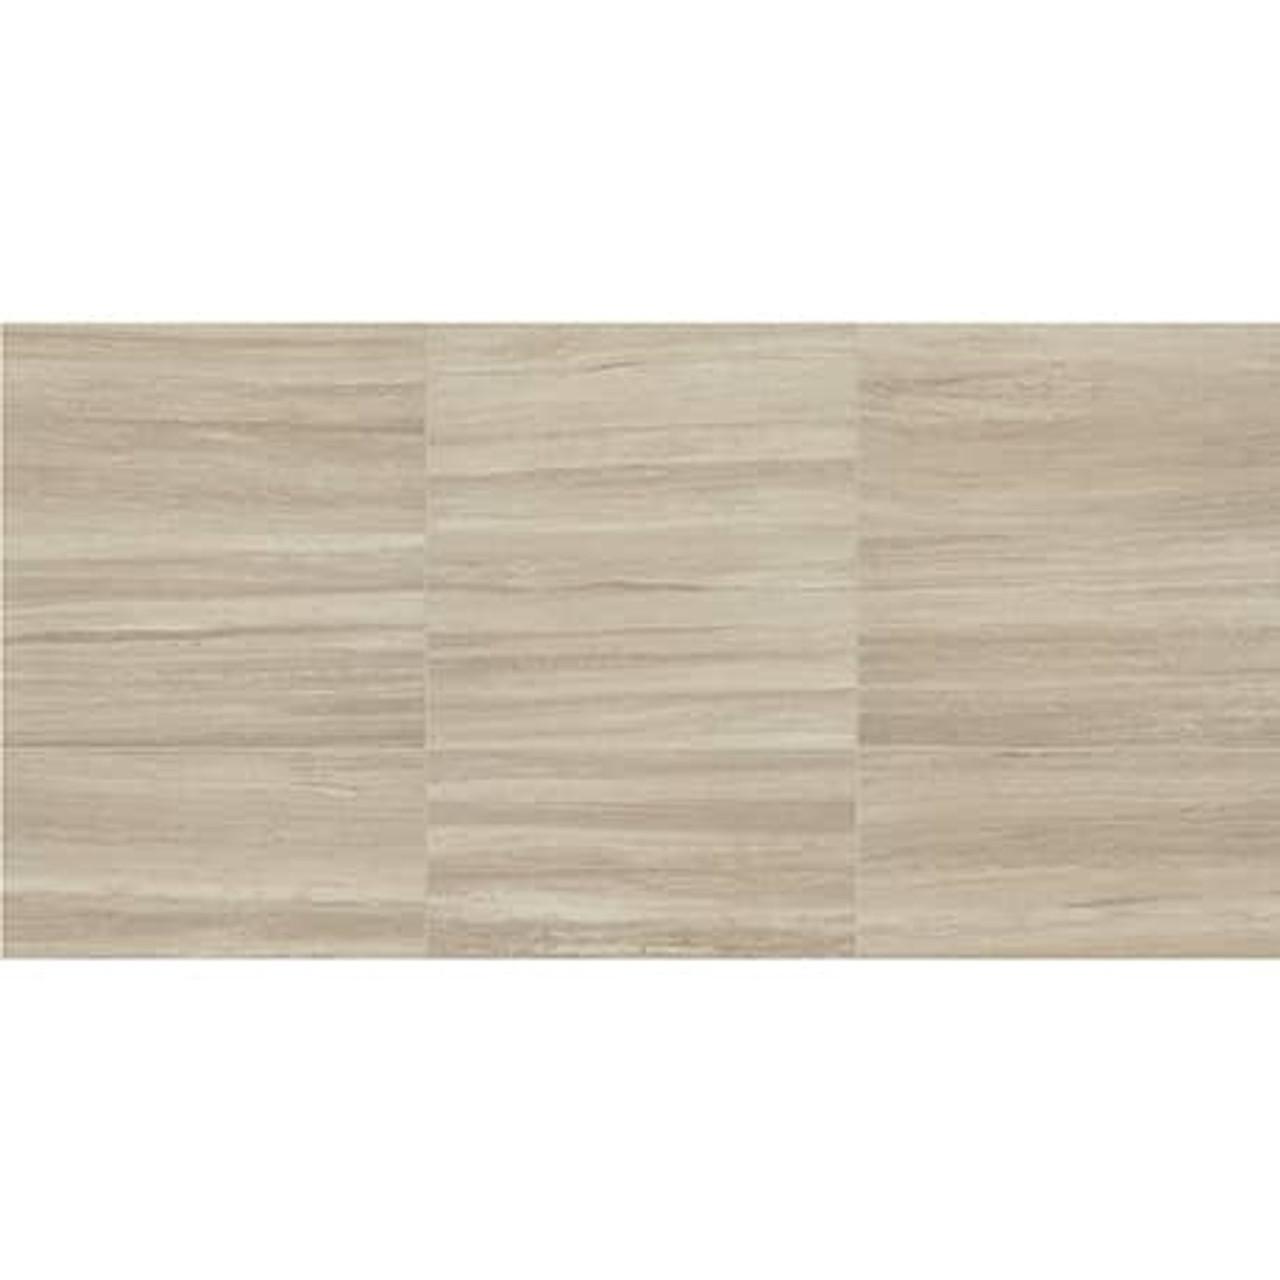 articulo feature beige 18x36 floor tile